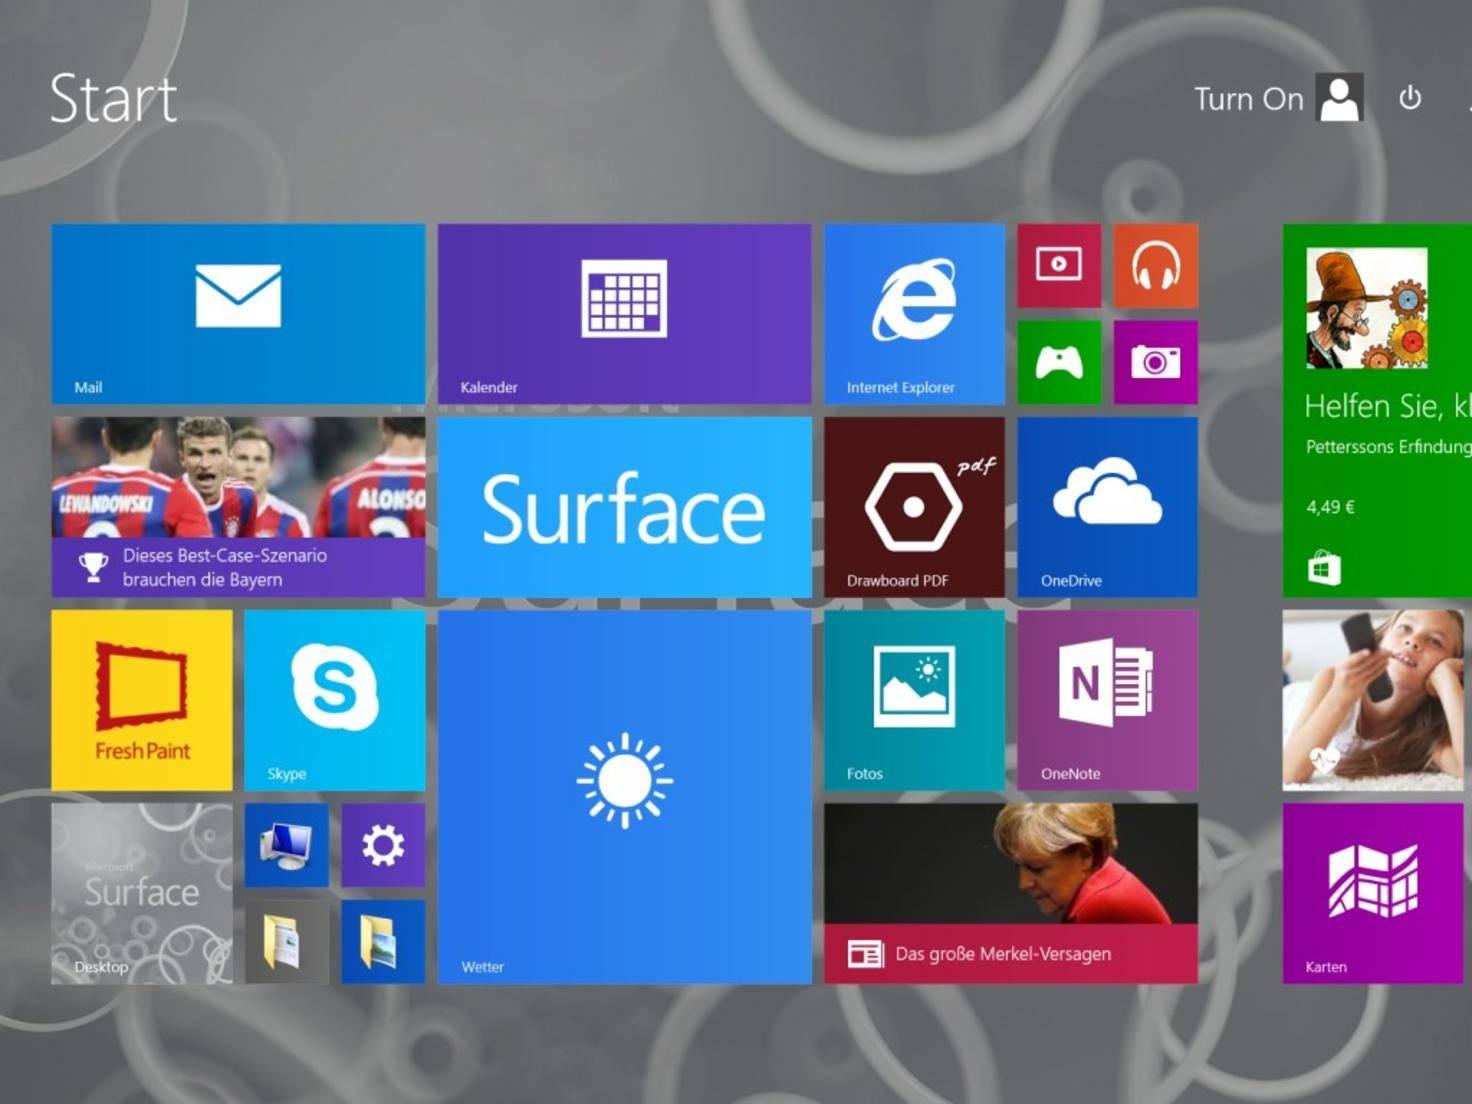 ...sondern ein vollwertiges Windows 8.1.